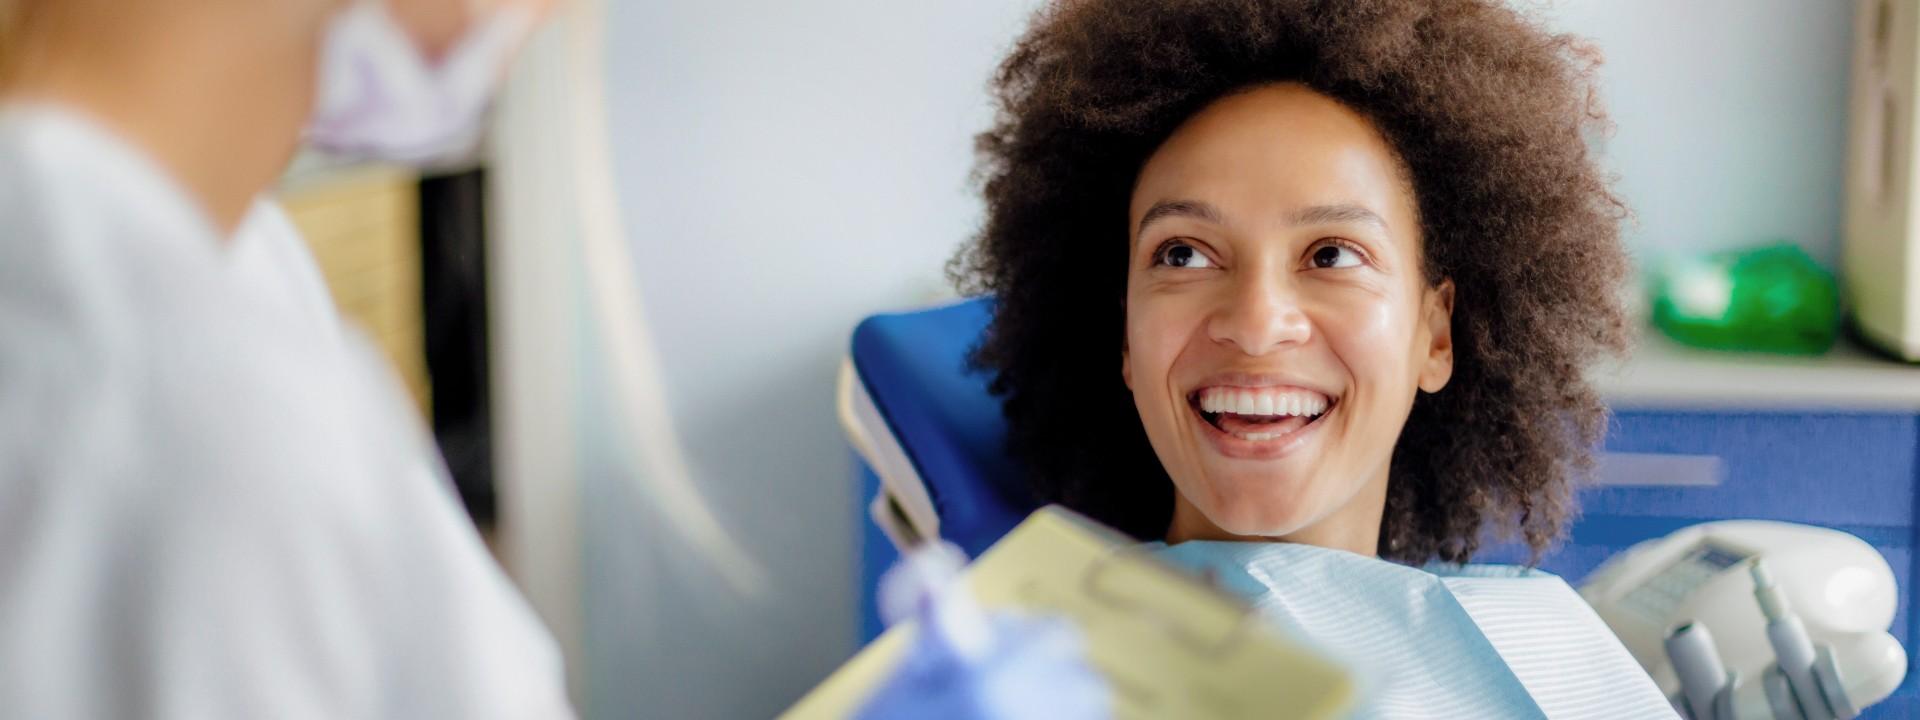 Frau beim Zahnarzt mit strahlendem Lächeln nach der Professionellen Zahnreinigung